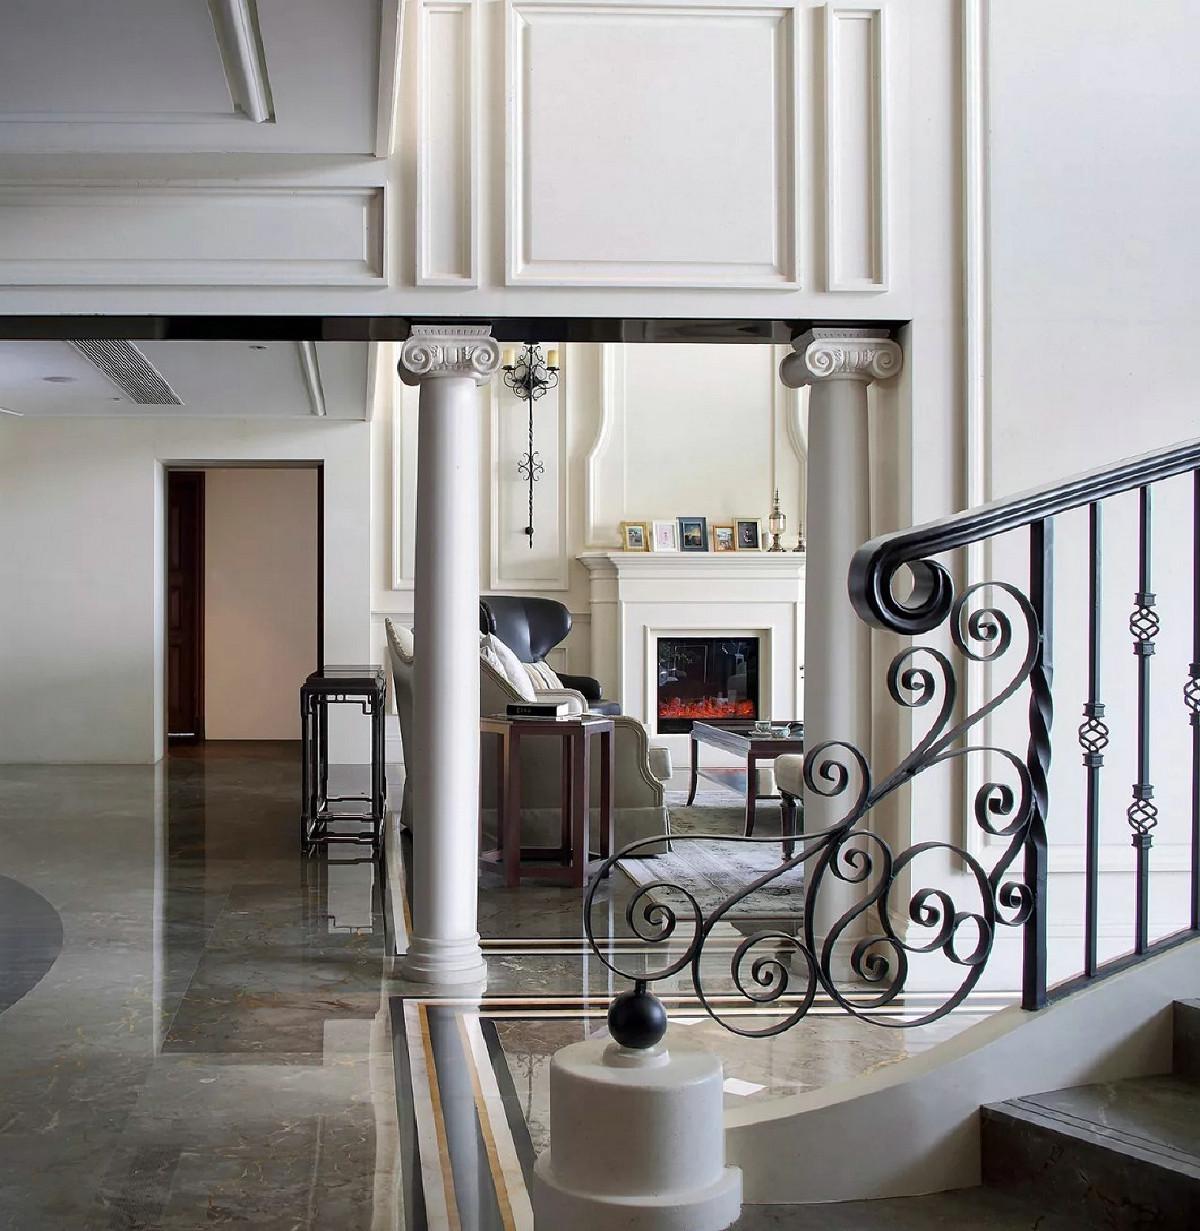 世茂湖滨花园别墅项目装修欧美风格设计方案,上海腾龙别墅设计师叶剑平作品,欢迎品鉴